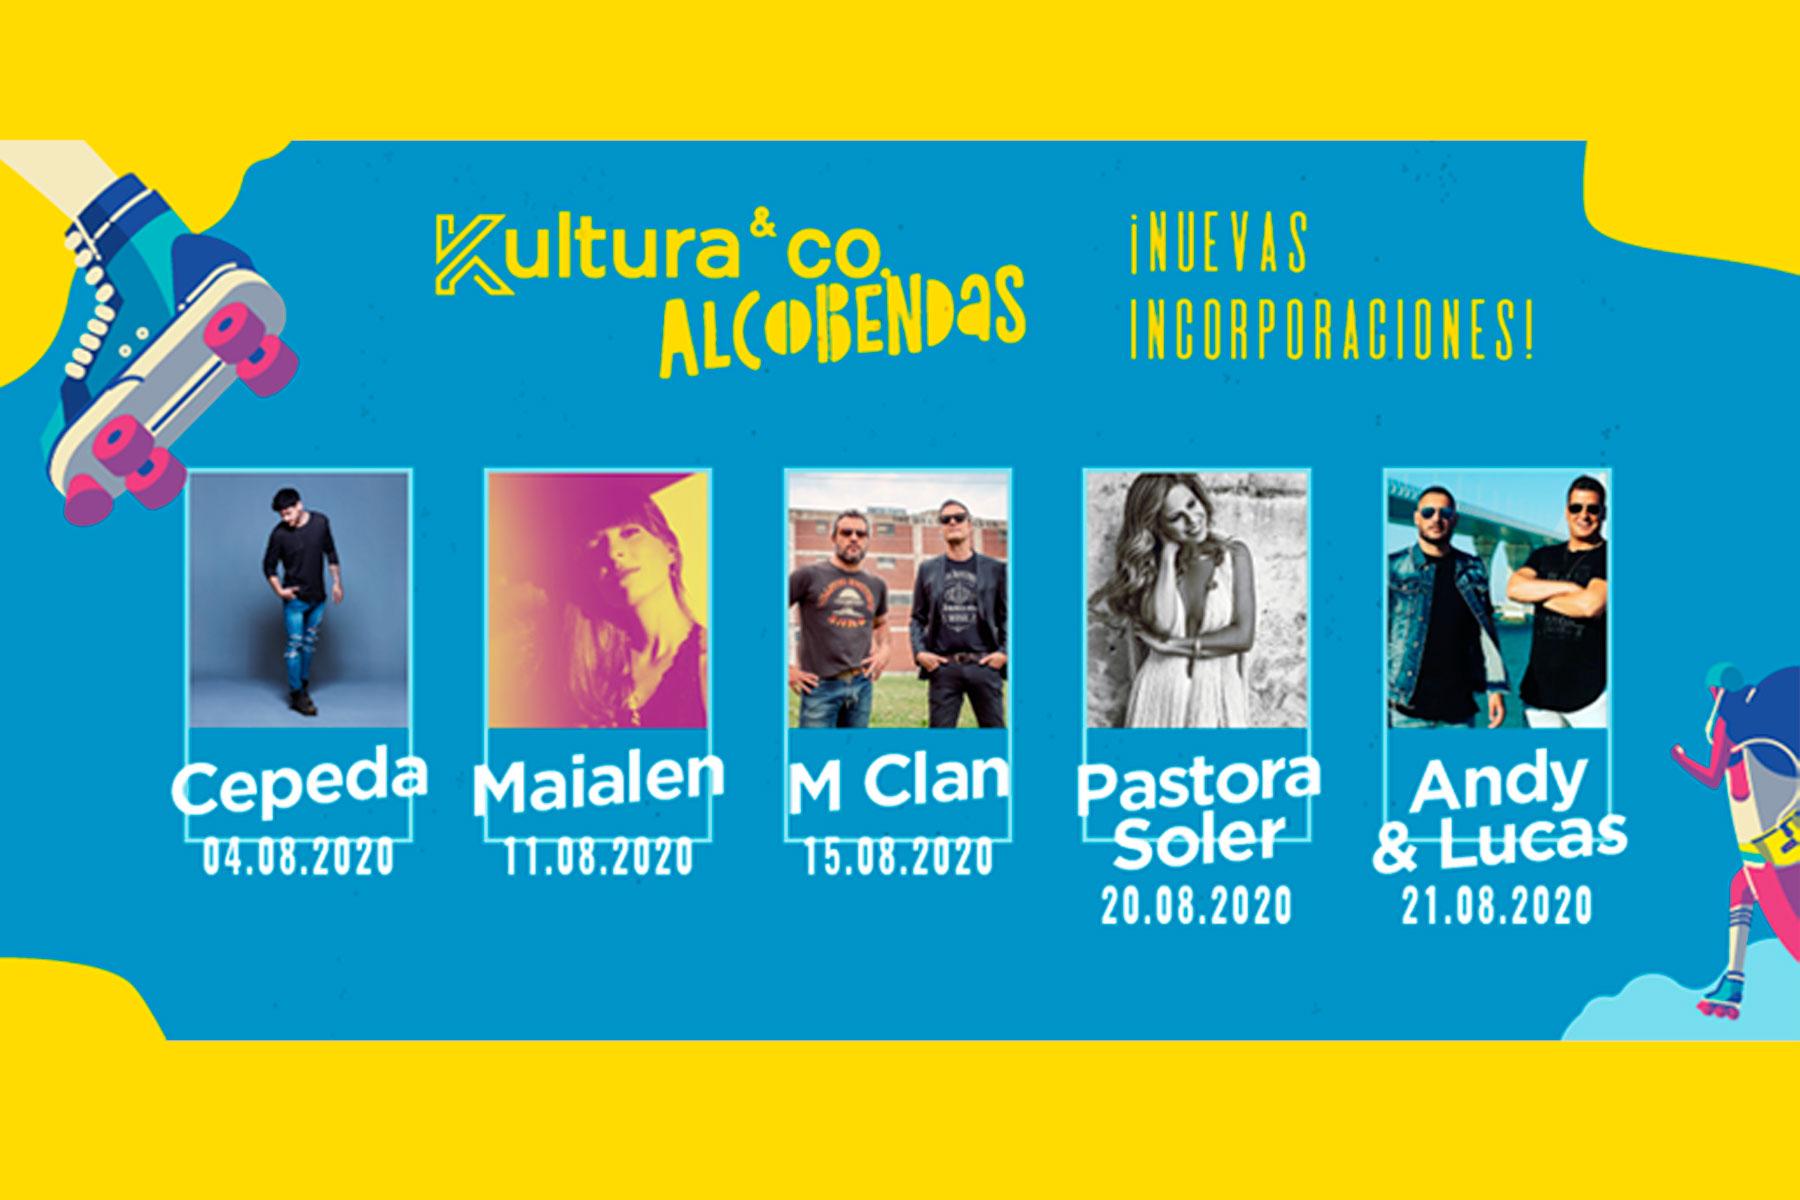 El plan de ocio de nuestra ciudad anuncia cinco artistas para completar el cartel del mes de agosto